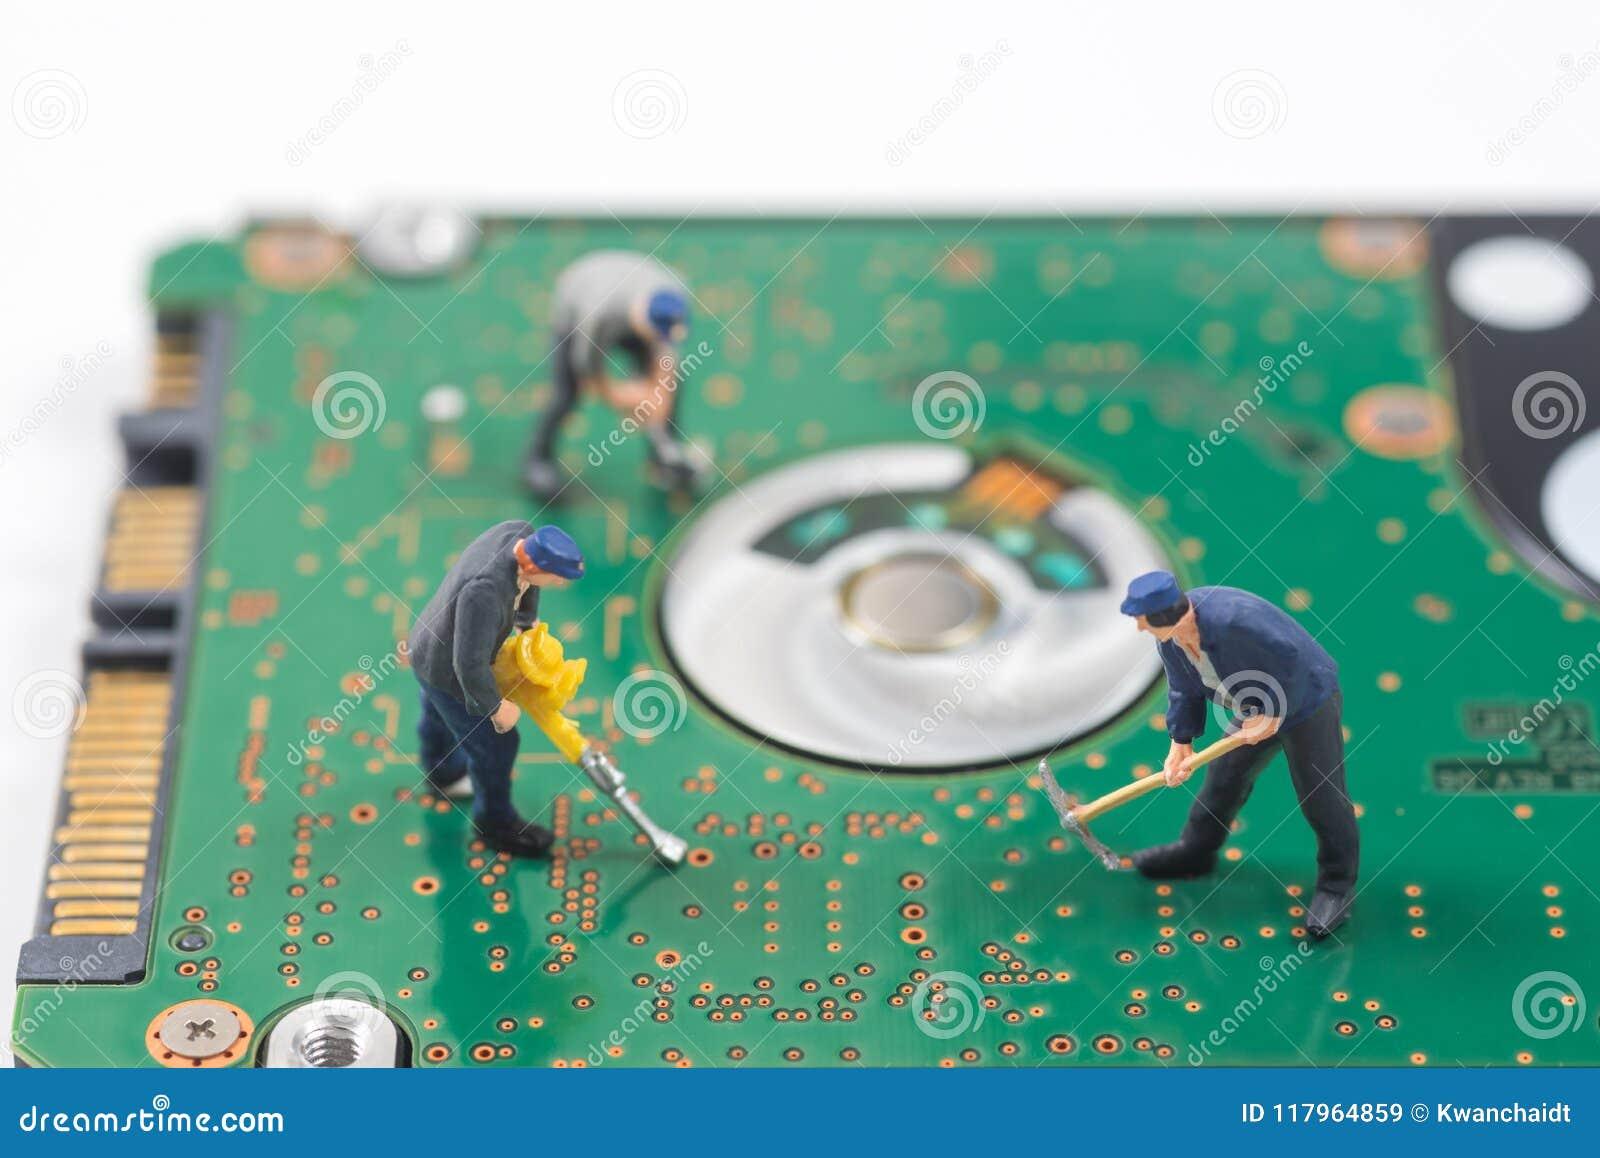 O trabalhador diminuto está escavando um furo no varrão eletrônico do disco rígido